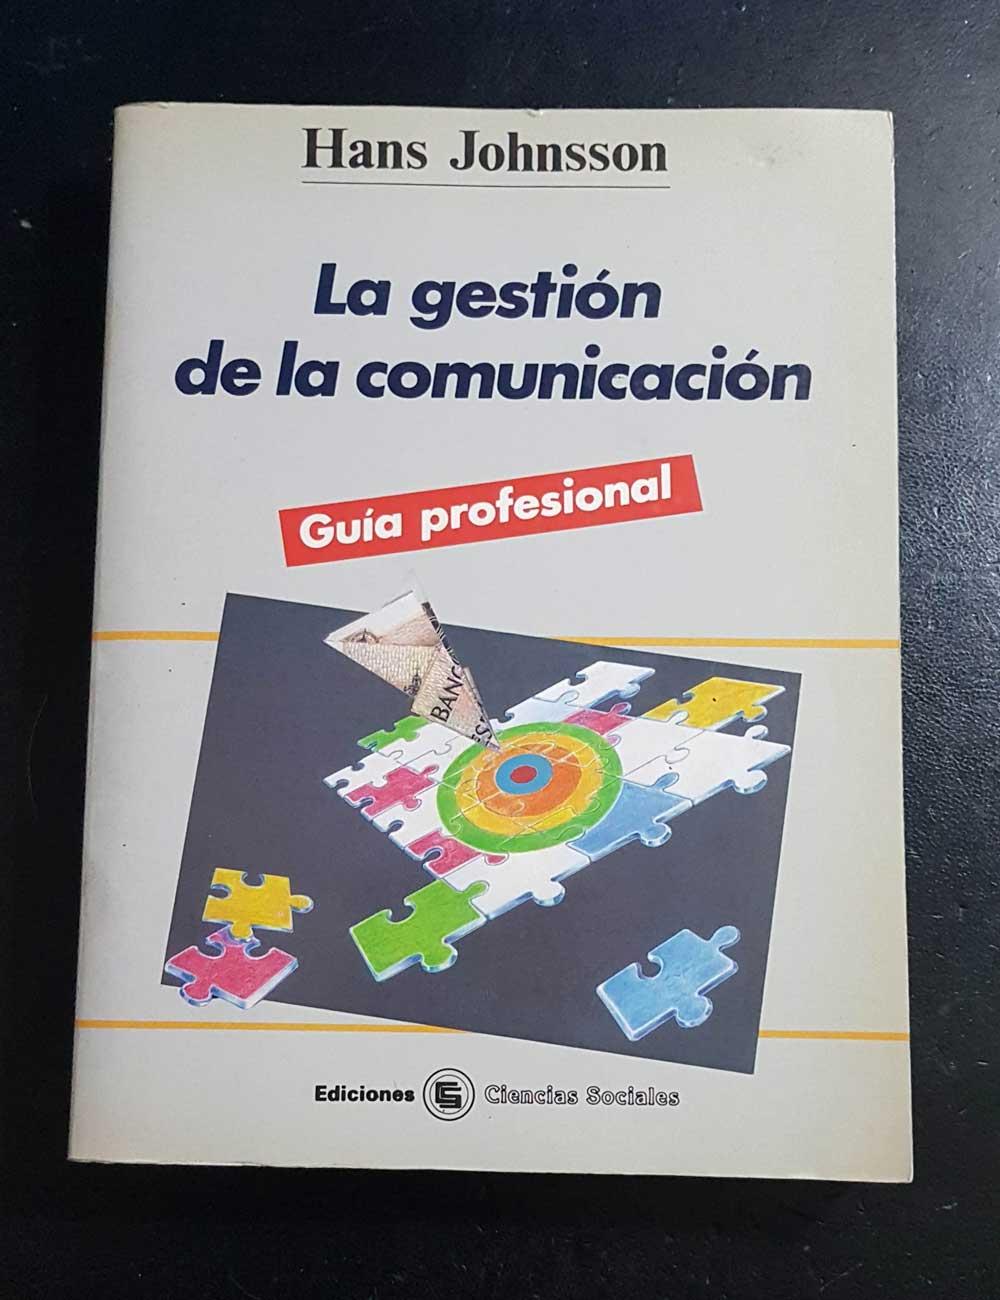 La gestión de la comunicación, de Hans Johnsson